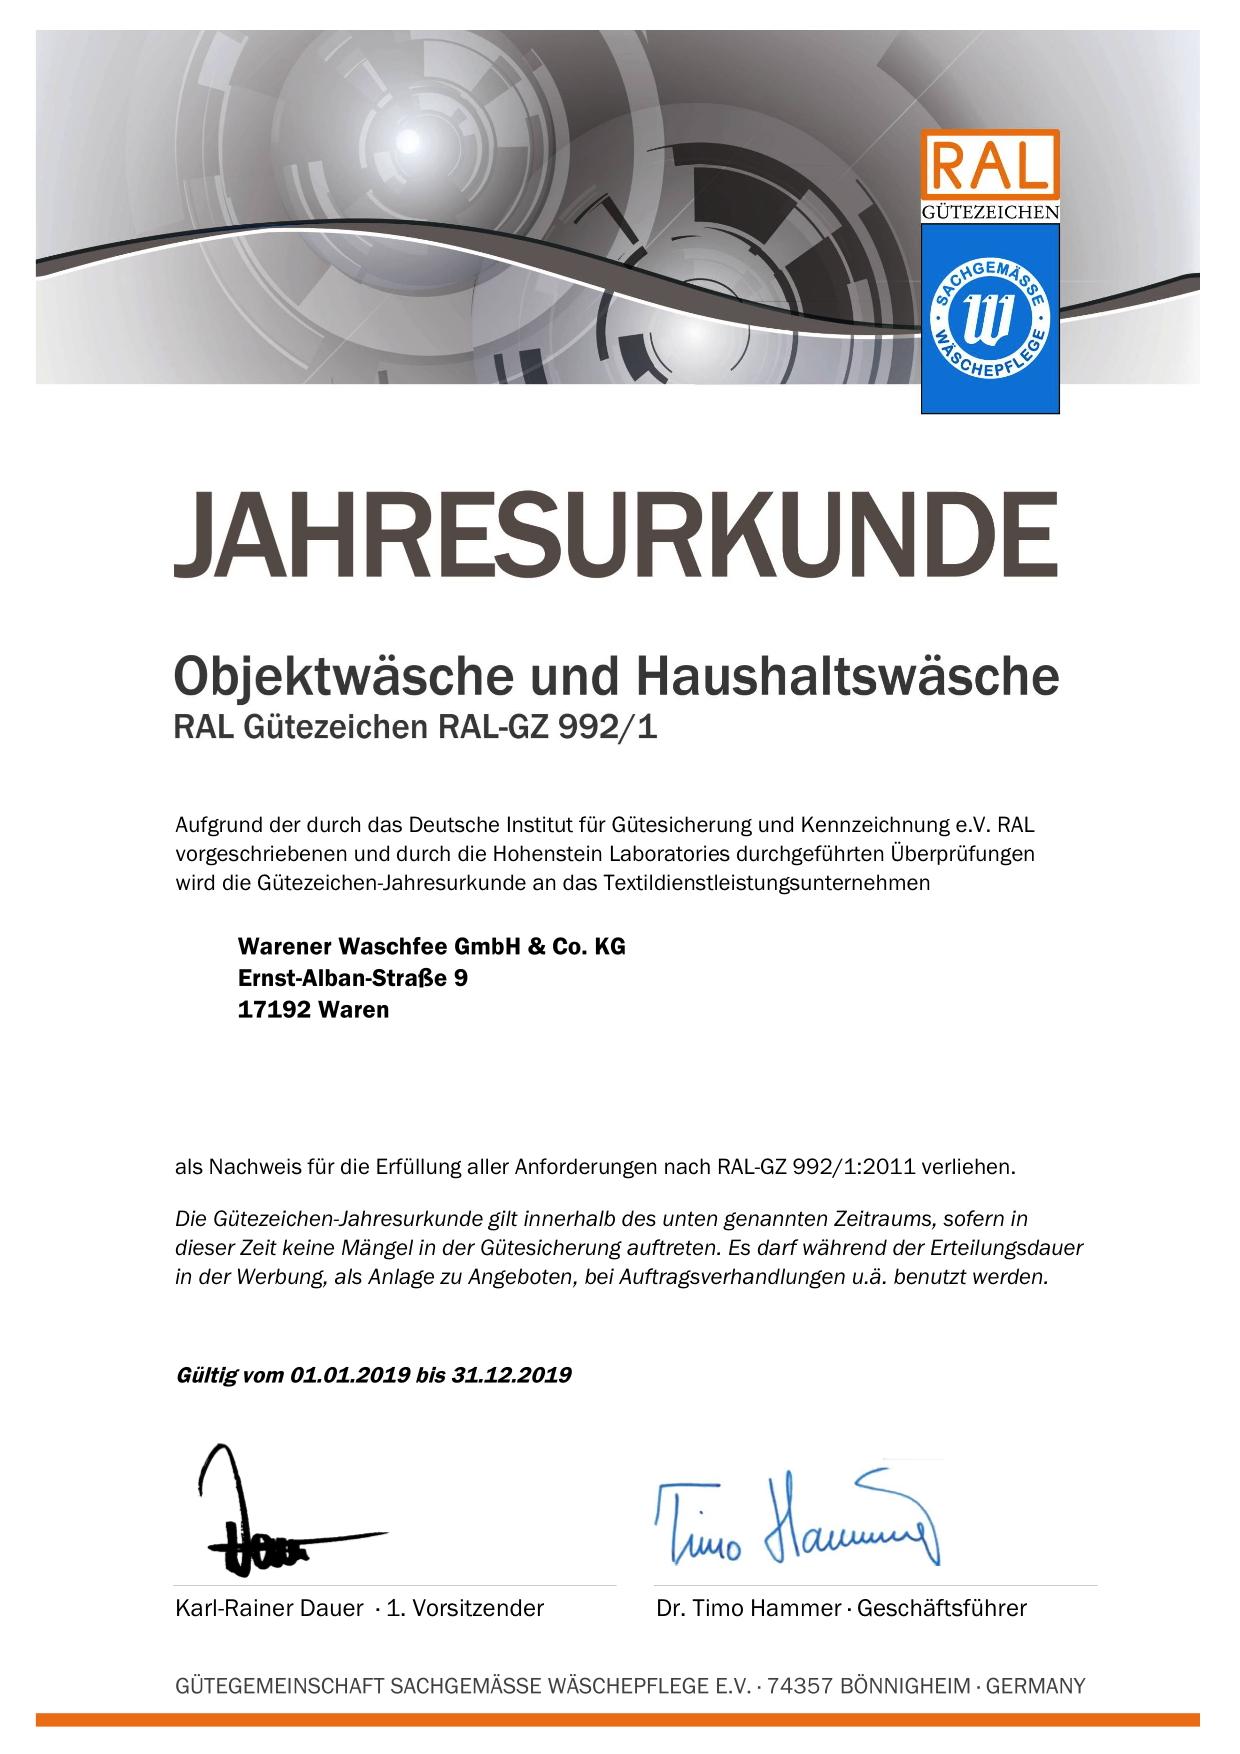 992-1 Jahresurkunde_20054_2019